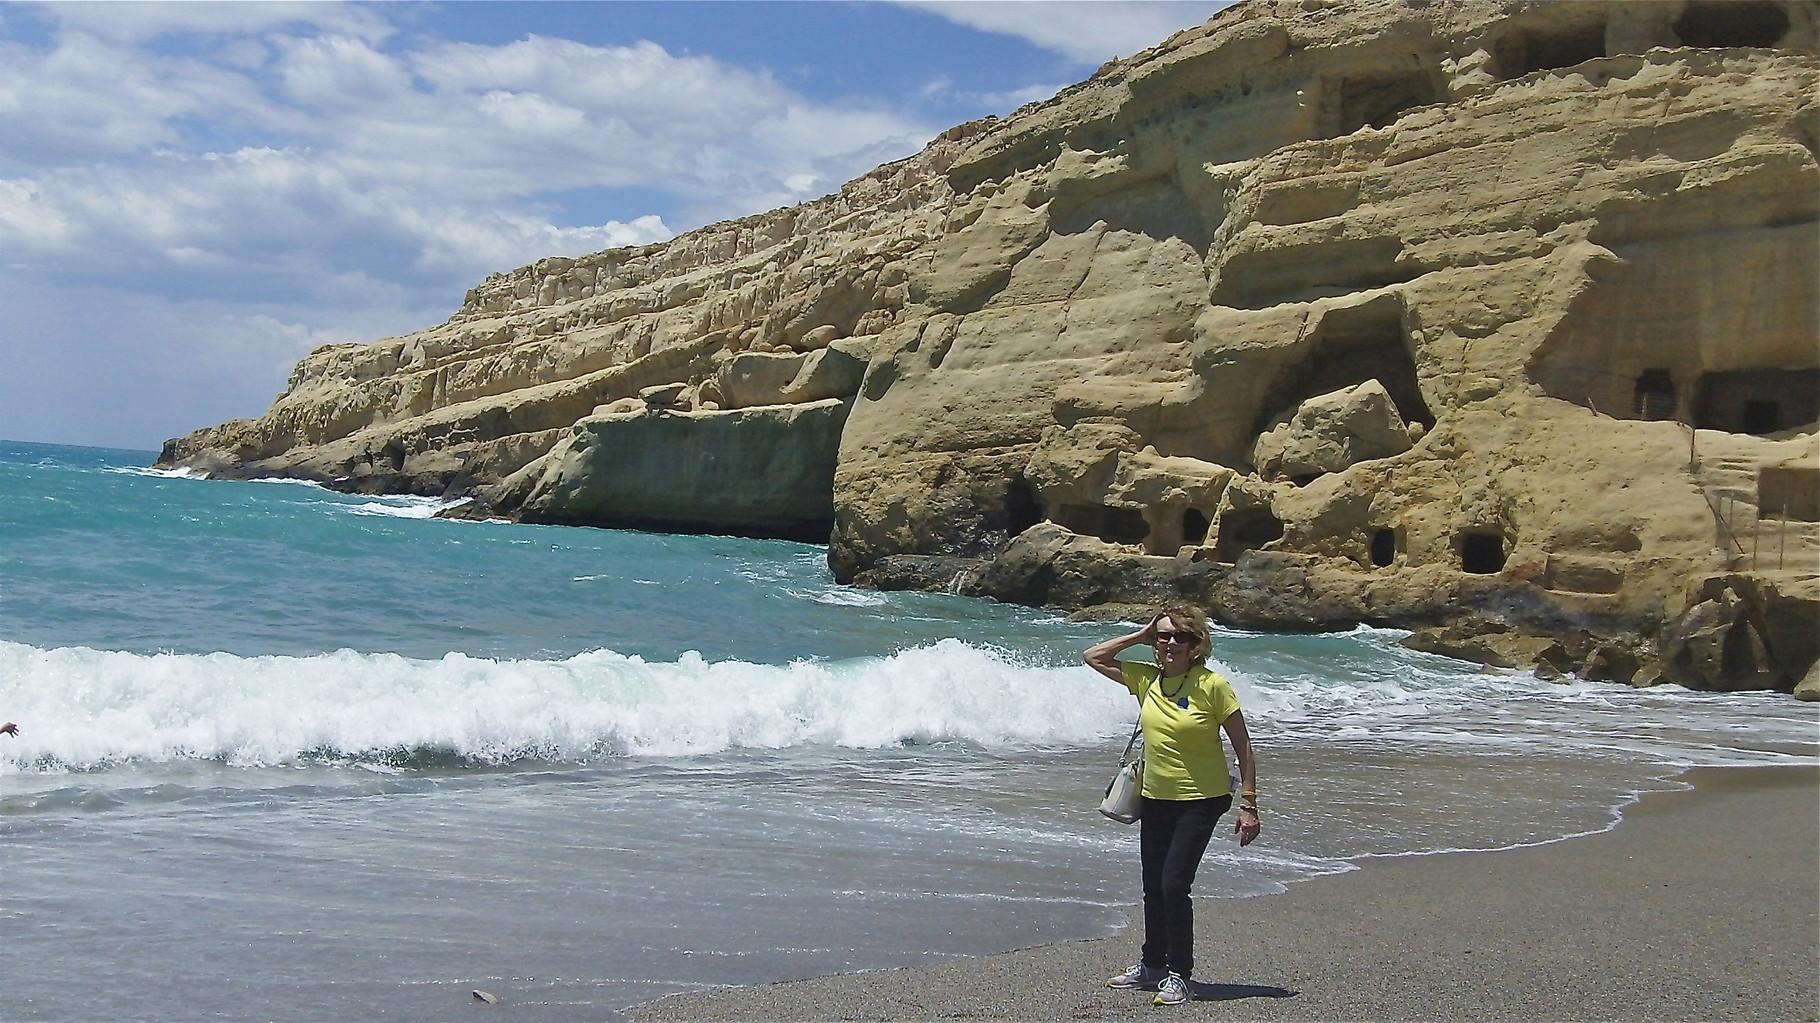 Lorraine, Matala Beach